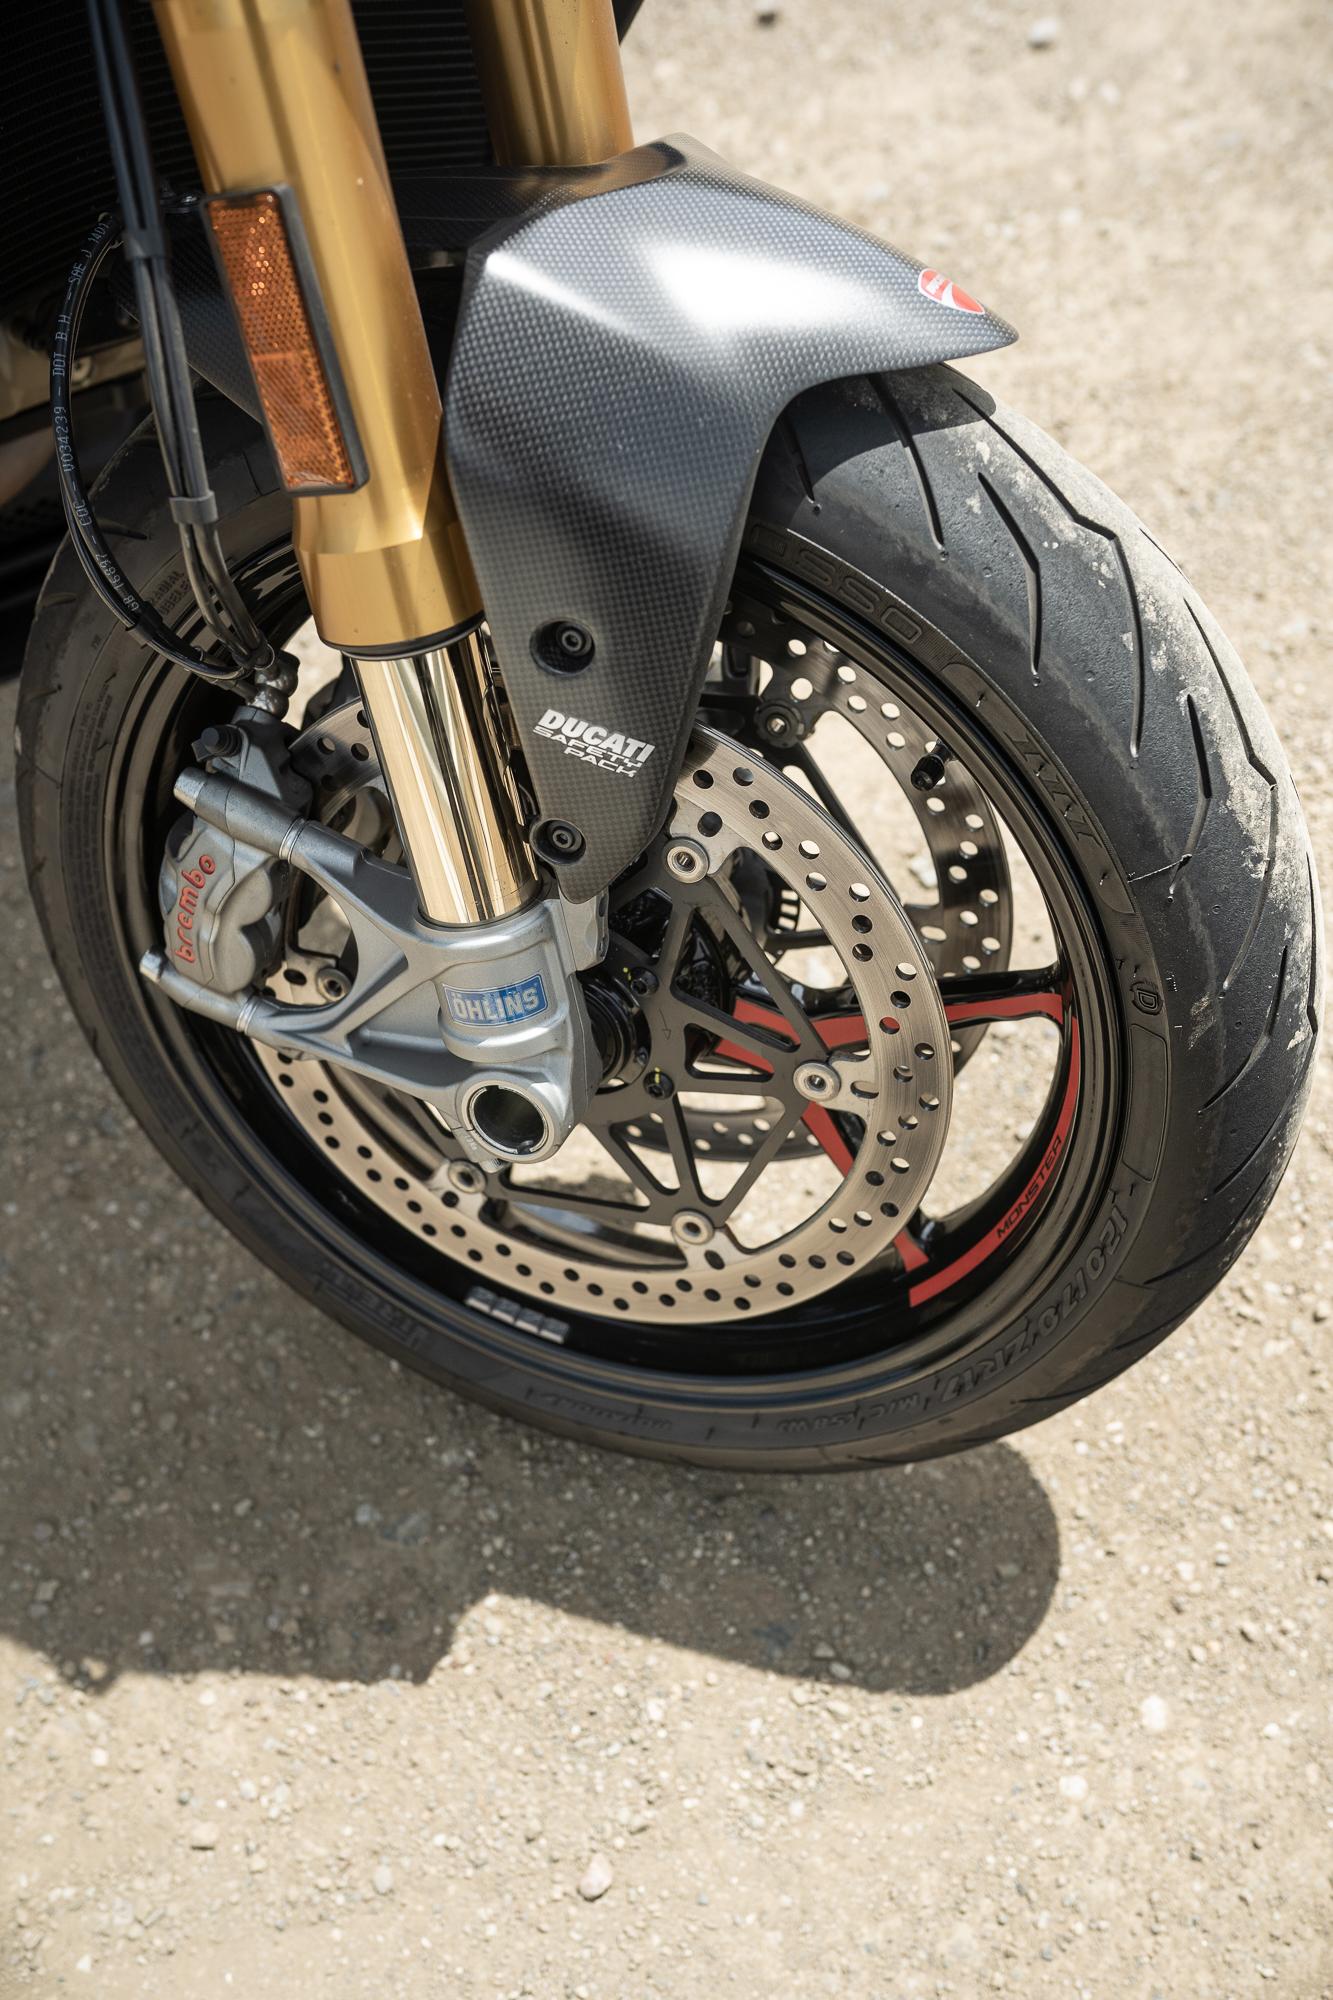 2021 Ducati Monster 1200 S front wheel detail vertical